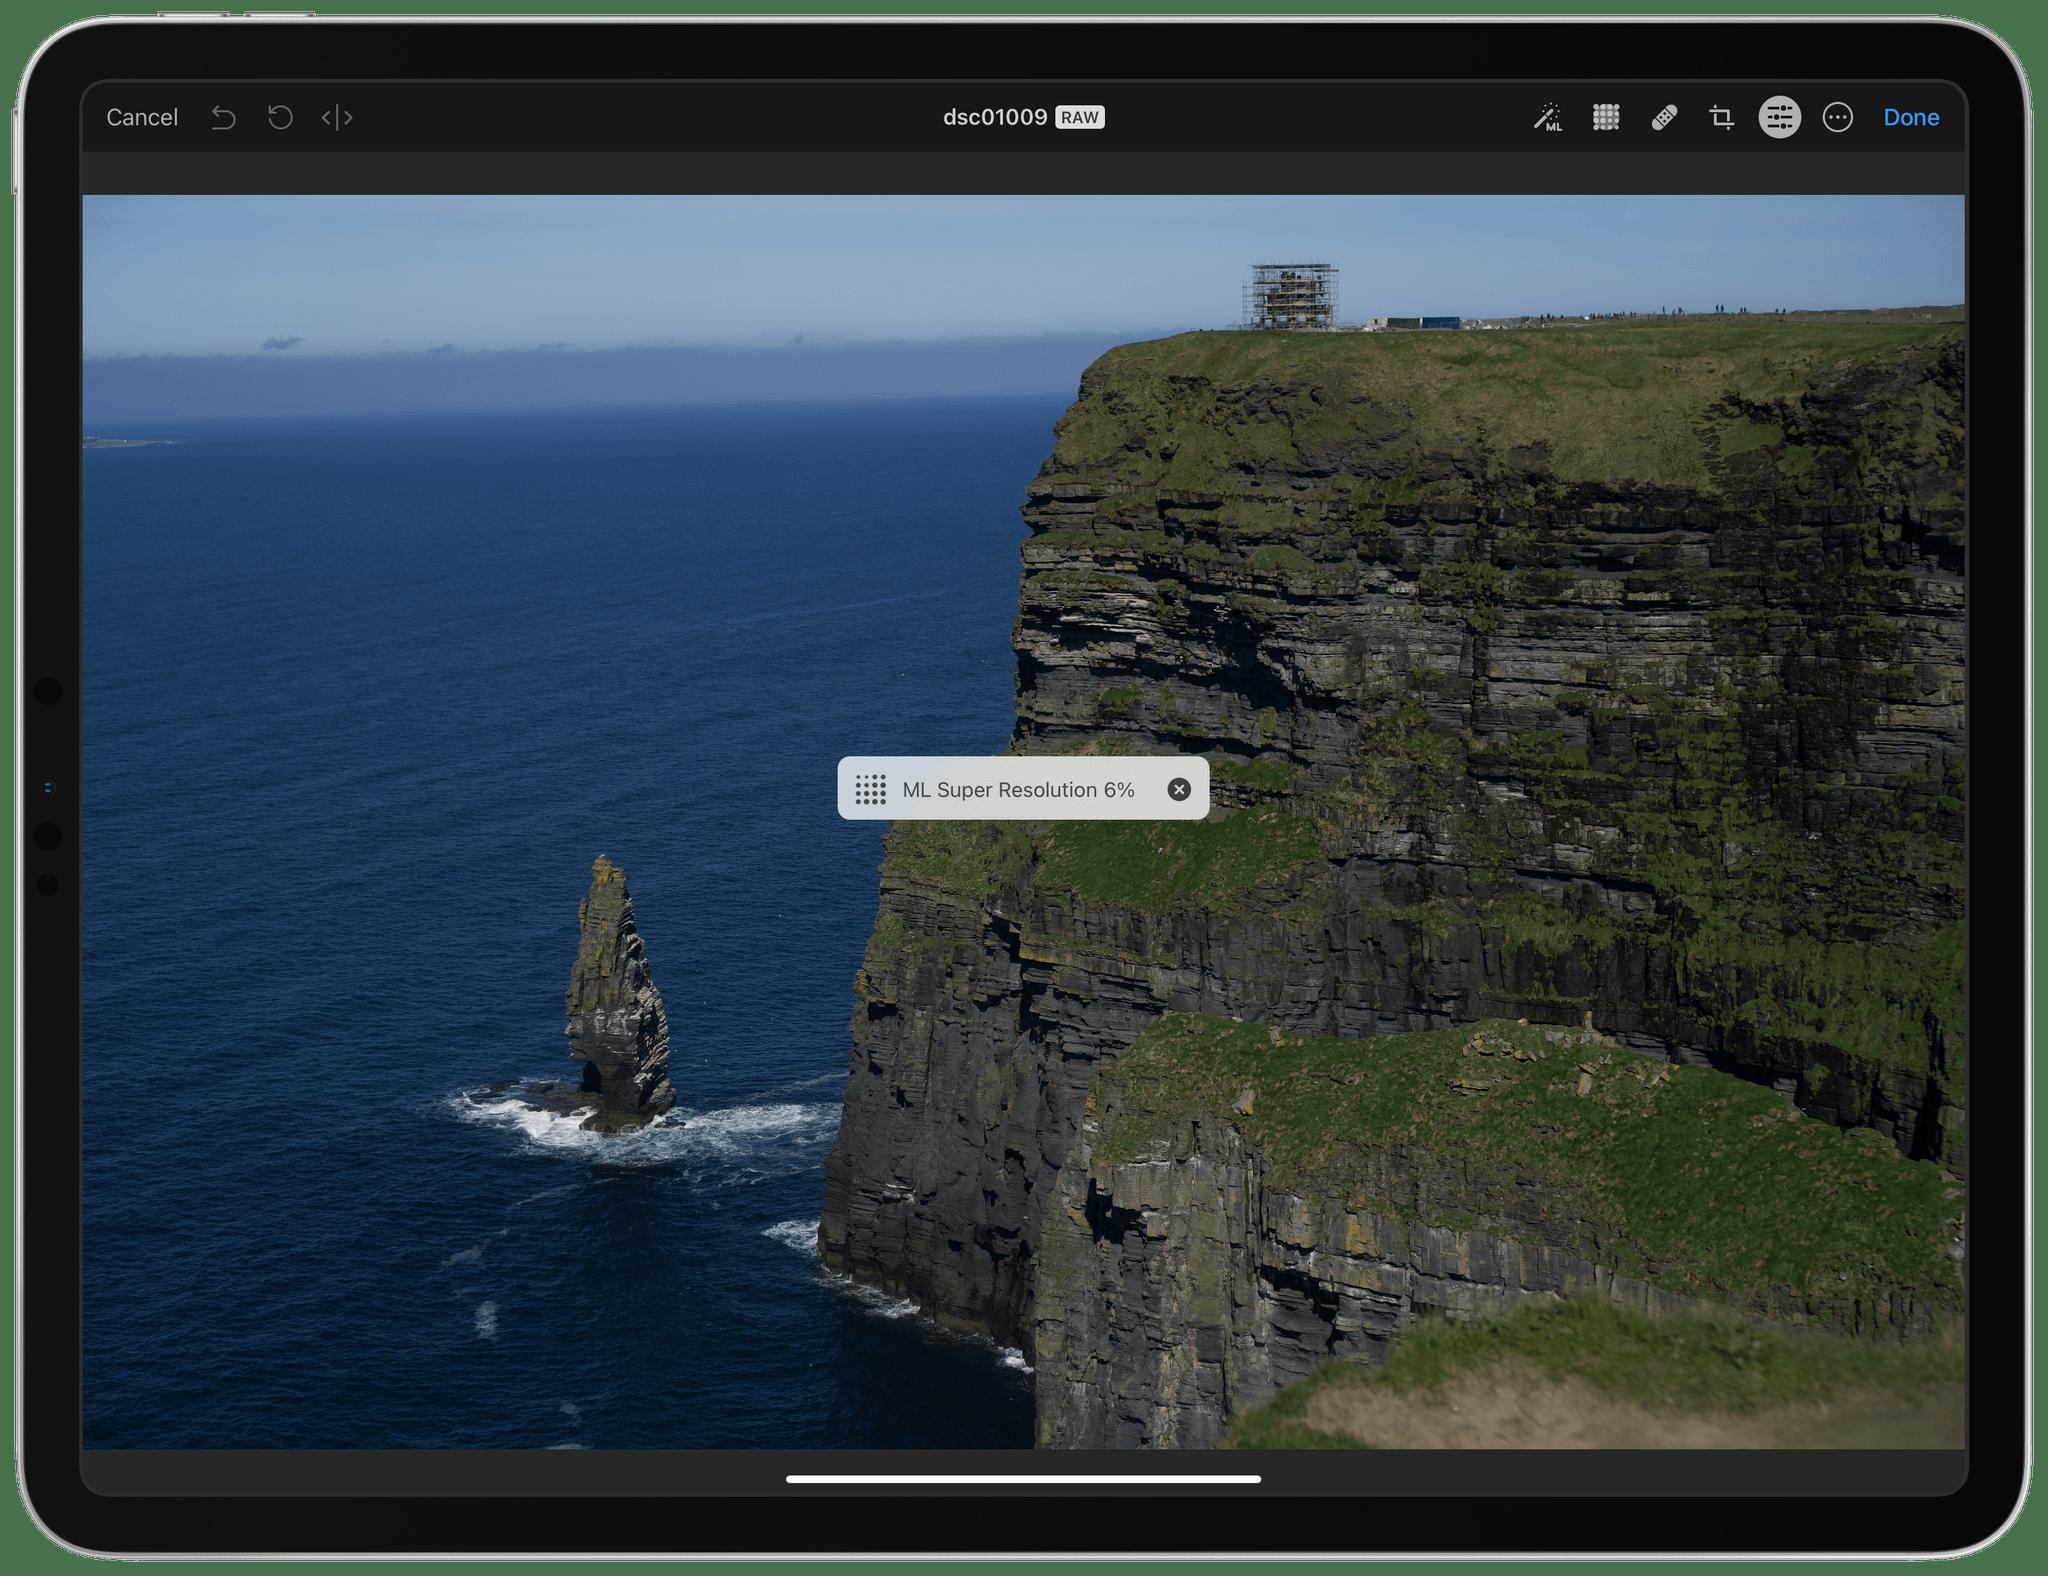 Running ML Super Resolution in Pixelmator Photo.